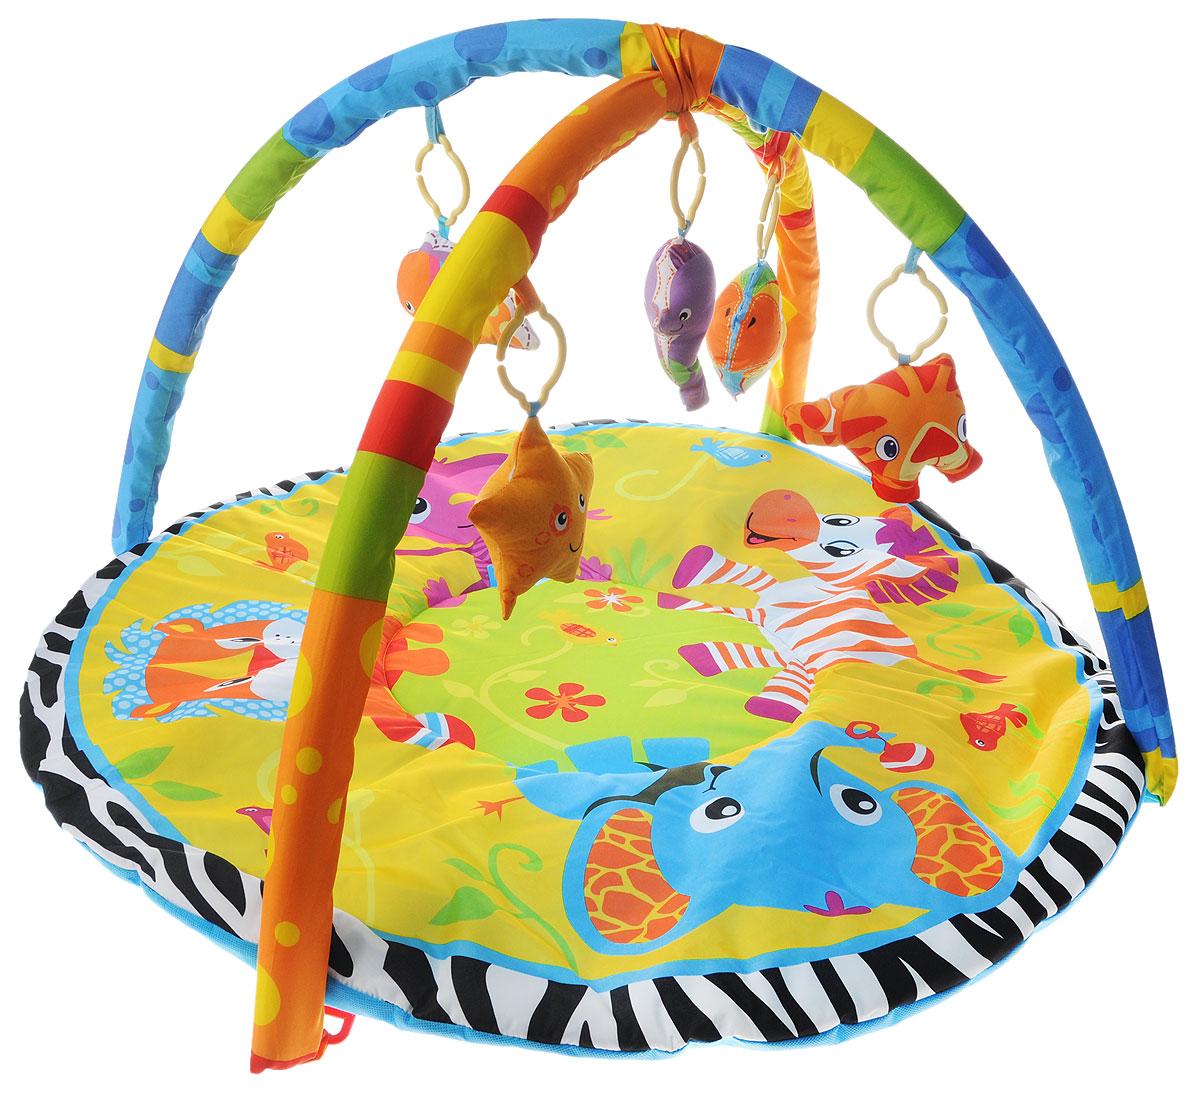 Умка Развивающий коврик B1387959-RB1387959-RЯркий развивающий коврик Умка обязательно придется по душе каждому малышу. Коврик предназначен для детей от 6 месяцев и выполнен из качественных материалов. Развивающий коврик поможет ребенку укрепить вестибулярный аппарат, развить мелкую моторику, слух, осязание и визуальное восприятие. Сочетание насыщенных контрастных цветов и множество затейливых узоров прекрасно тренируют зрение ребенка. Складывающиеся две мягкие дуги позволяют закрепить на них большое количество игрушек, благодаря специальным петлям, расположенным на дугах. Коврик и дуги сконструированы таким образом, что все любимые игрушки ребенка находятся в зоне досягаемости, до них легко дотянуться. В комплект входят 5 мягких игрушек-пищалок в виде различных животных. Коврик легко складывается для удобства переноски и хранения!